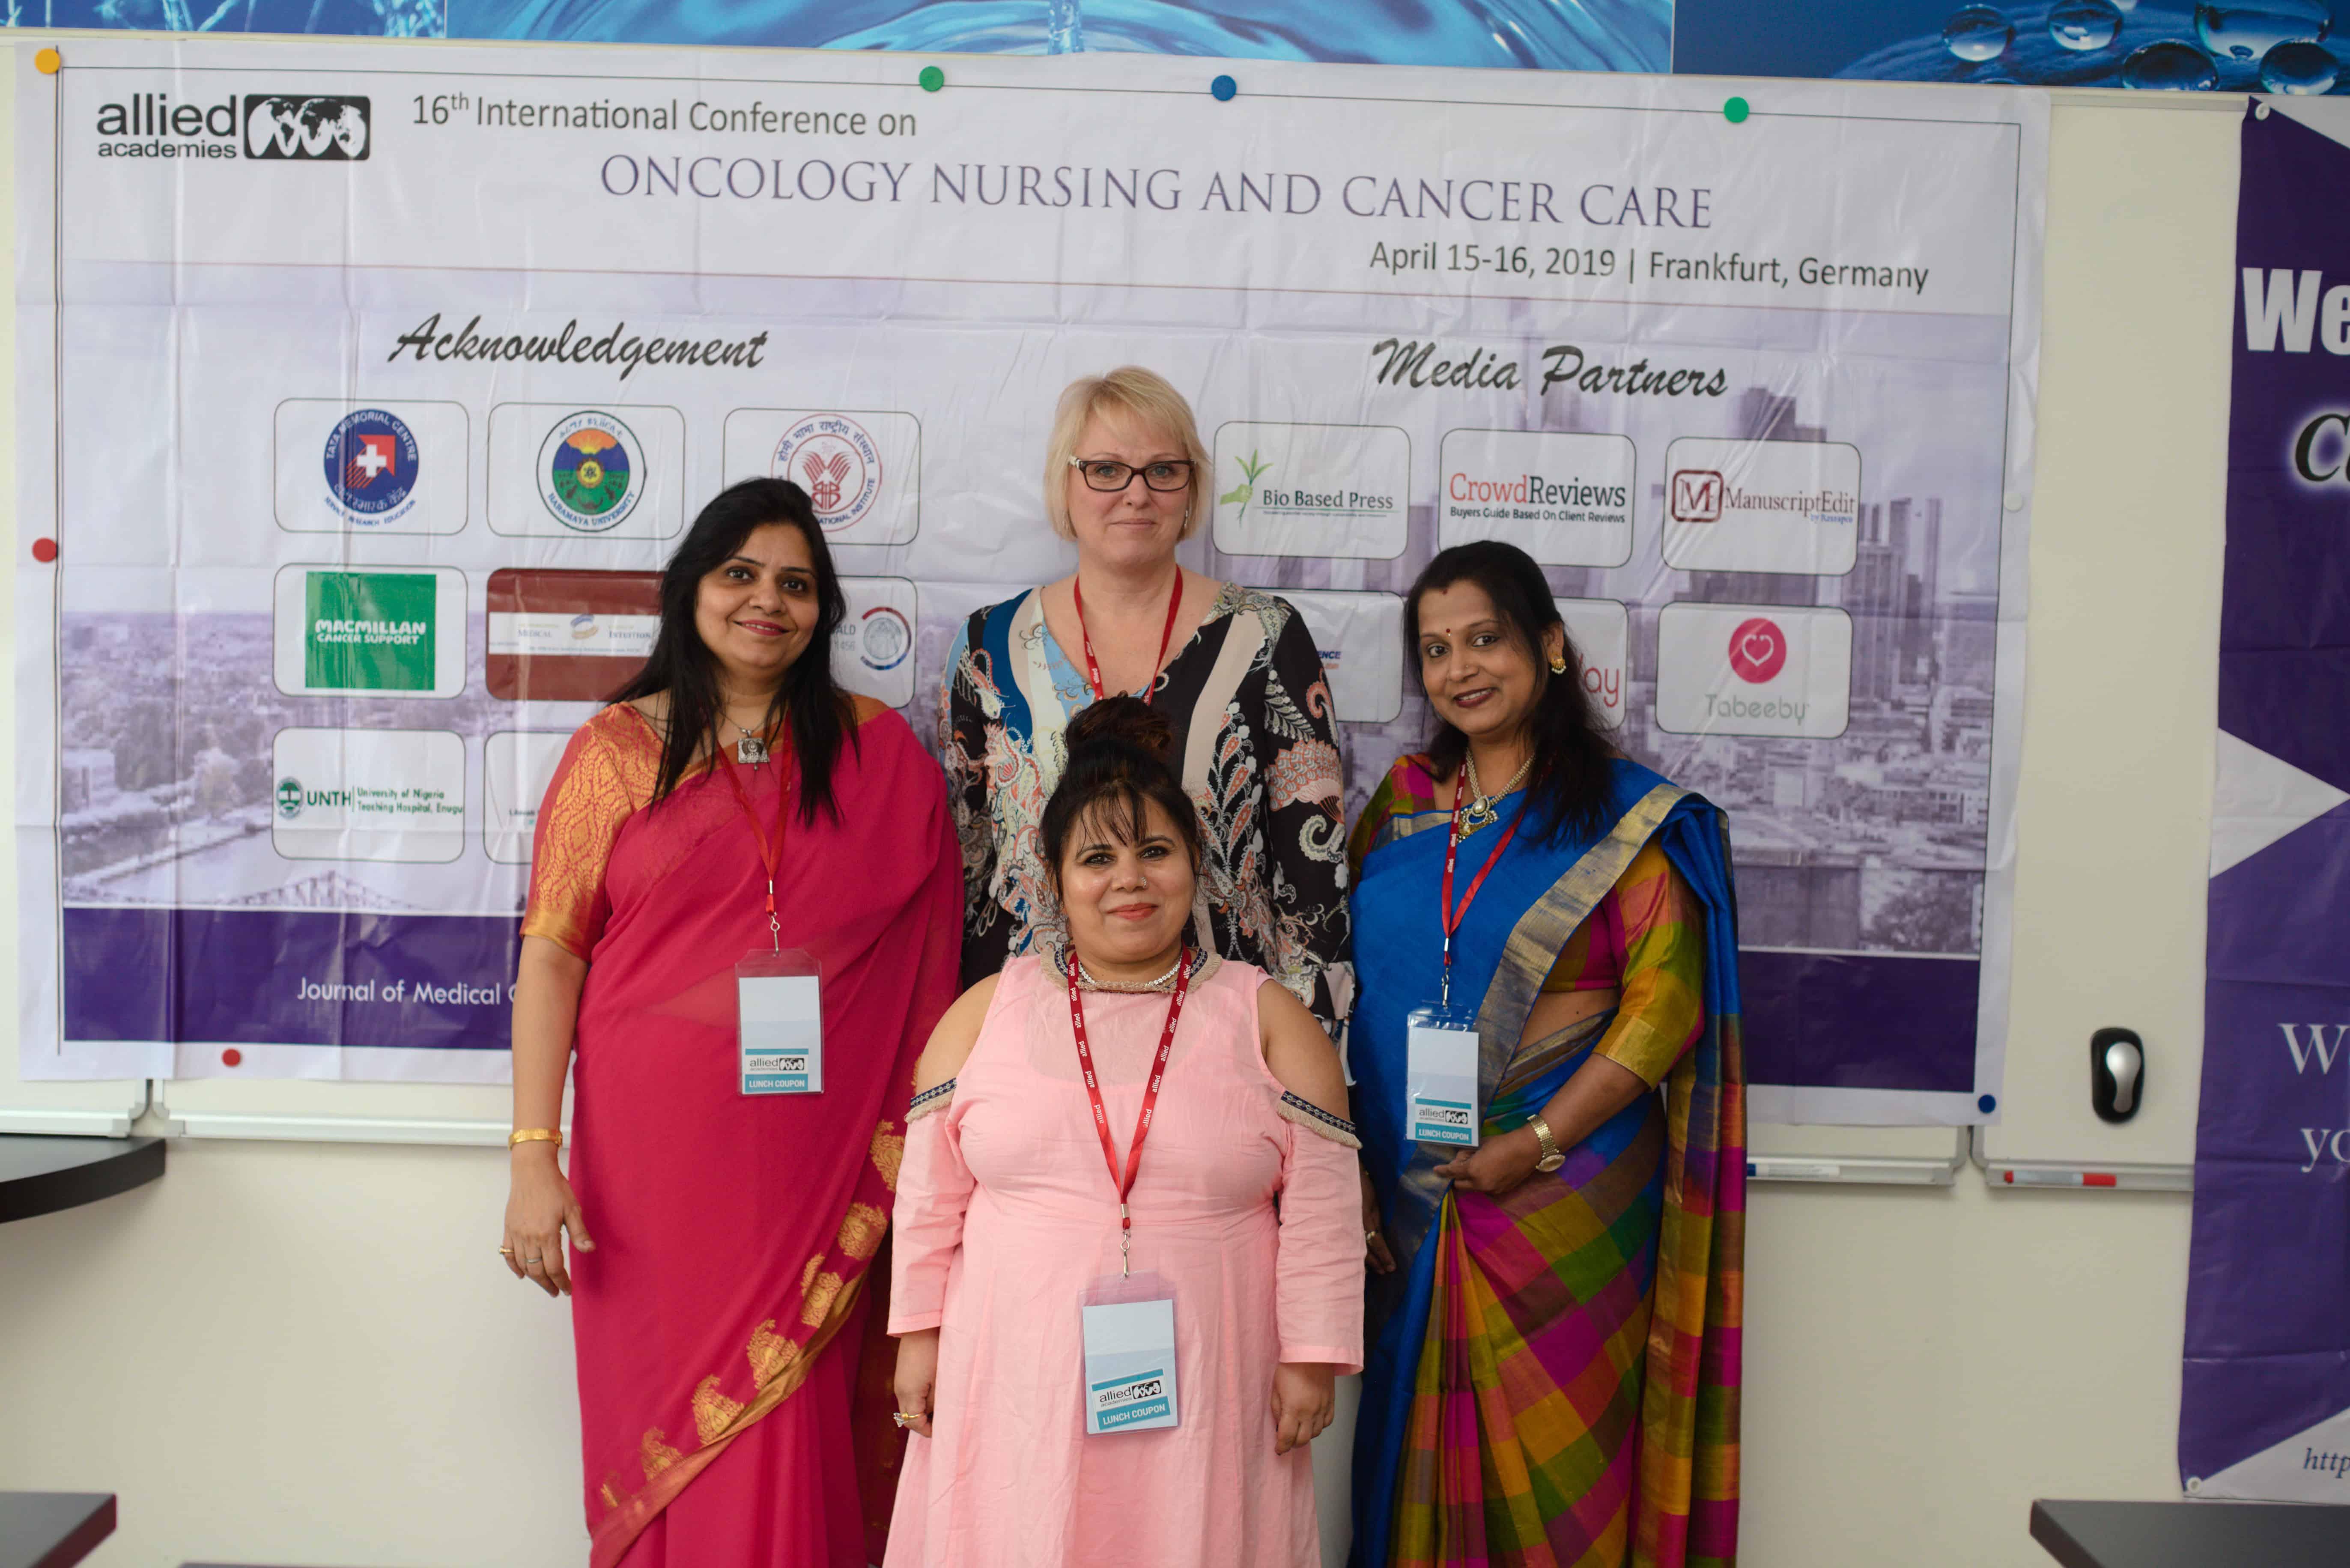 Cancernursing2019 Photos